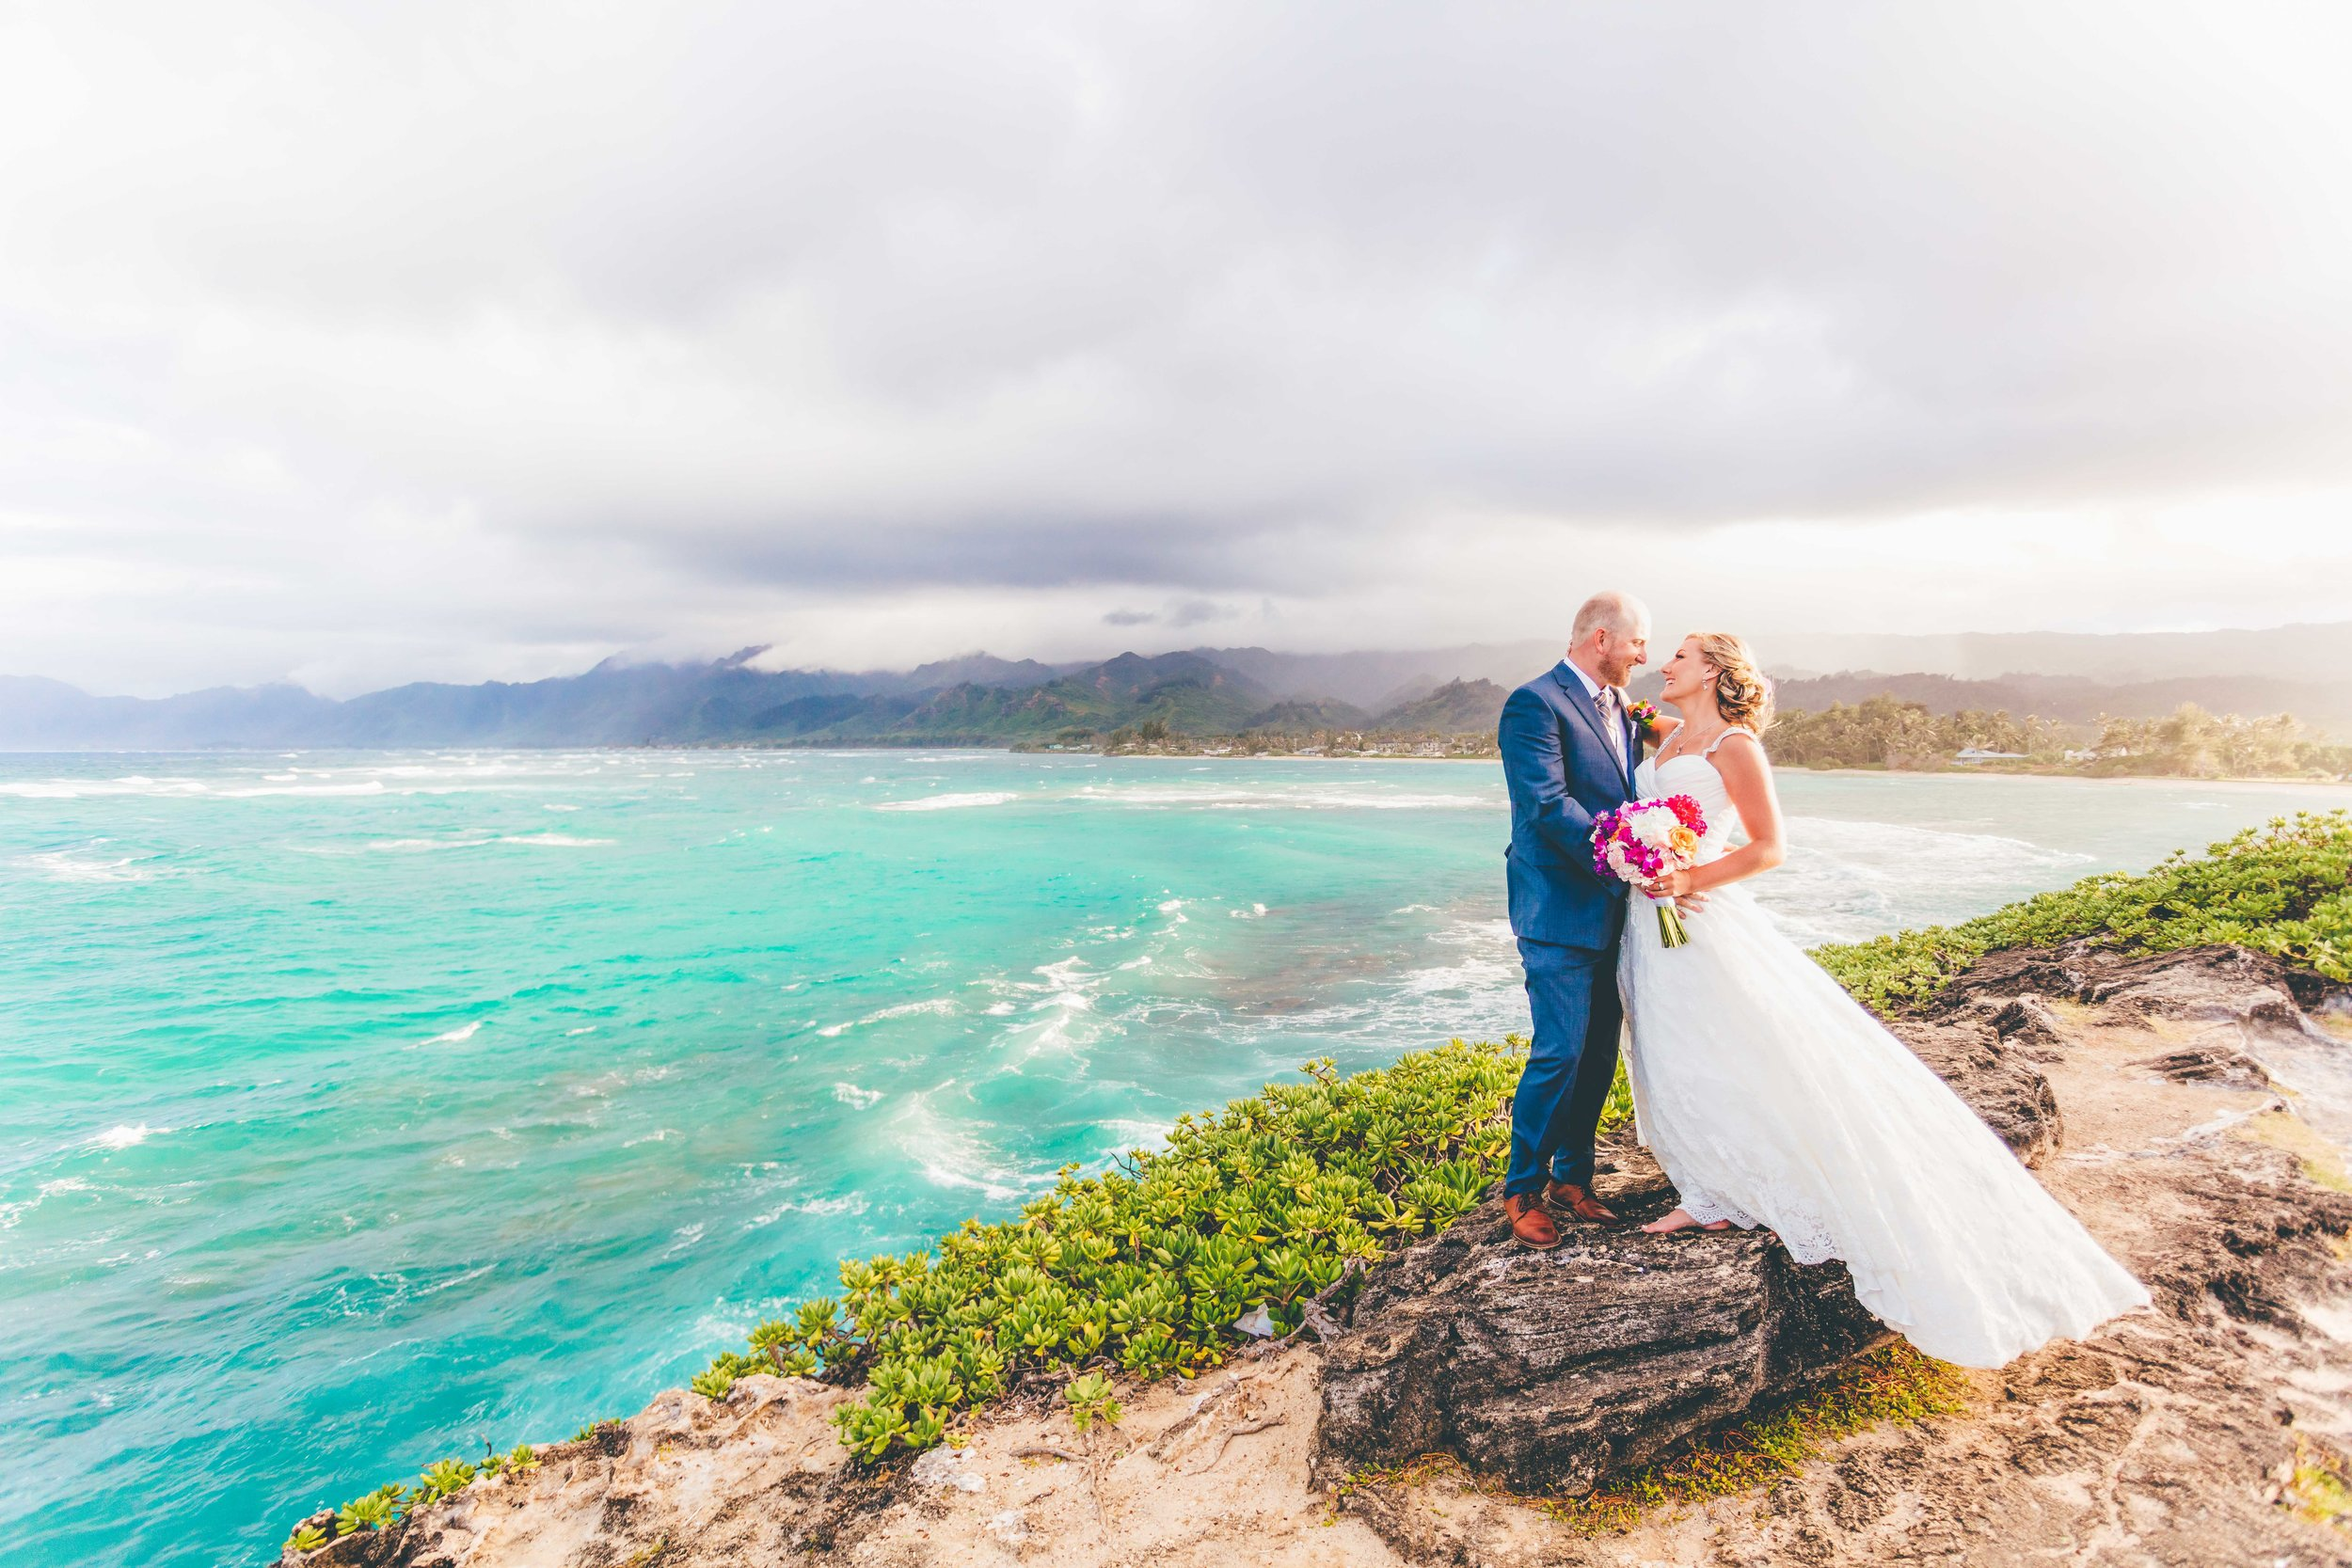 wedding-photographers-in-hawaii-2.jpg